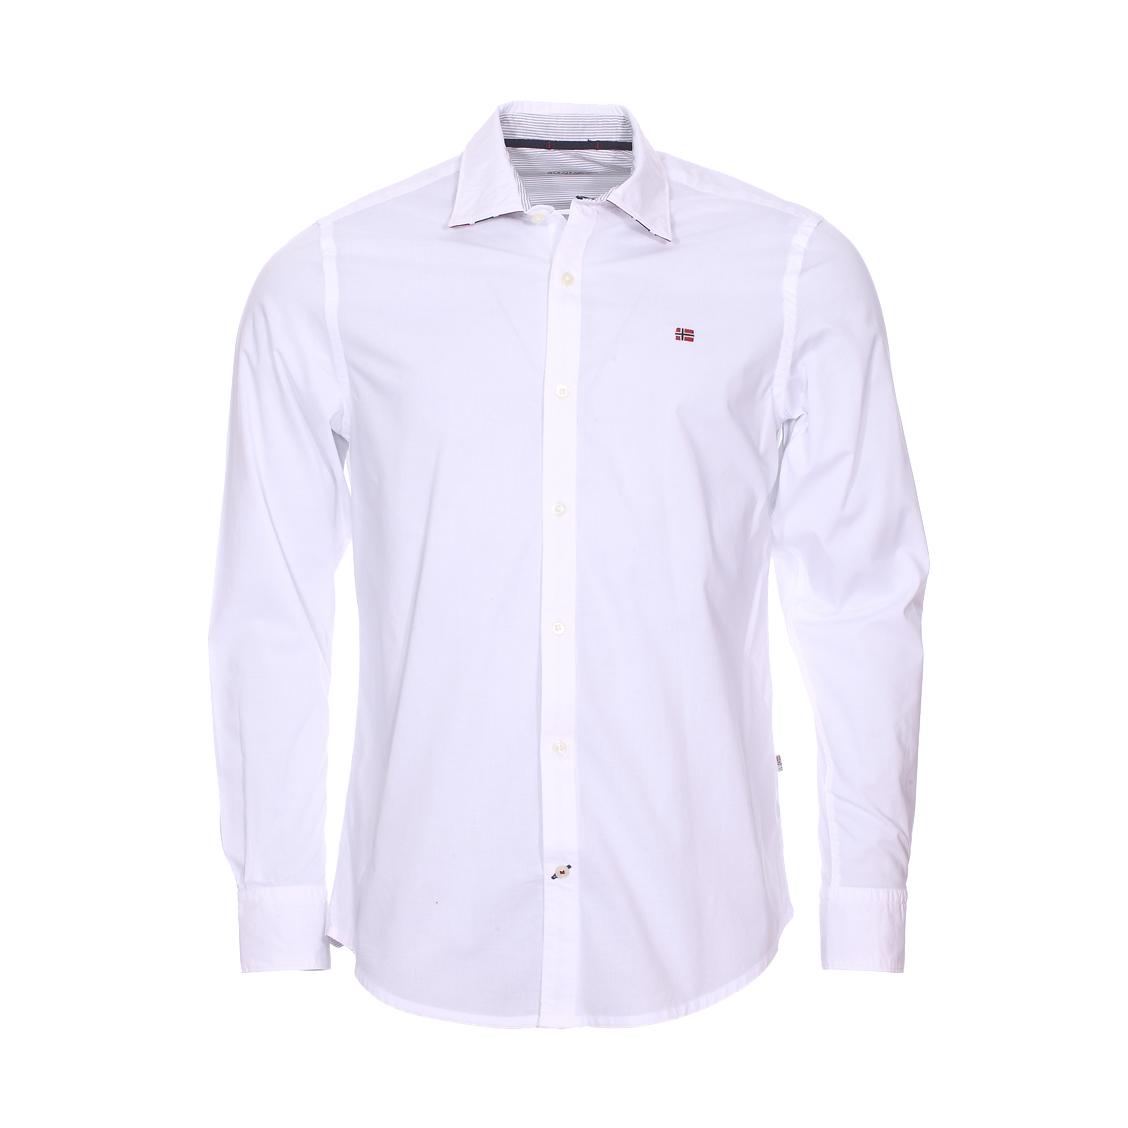 Chemise ajustée guyamas  en coton blanc